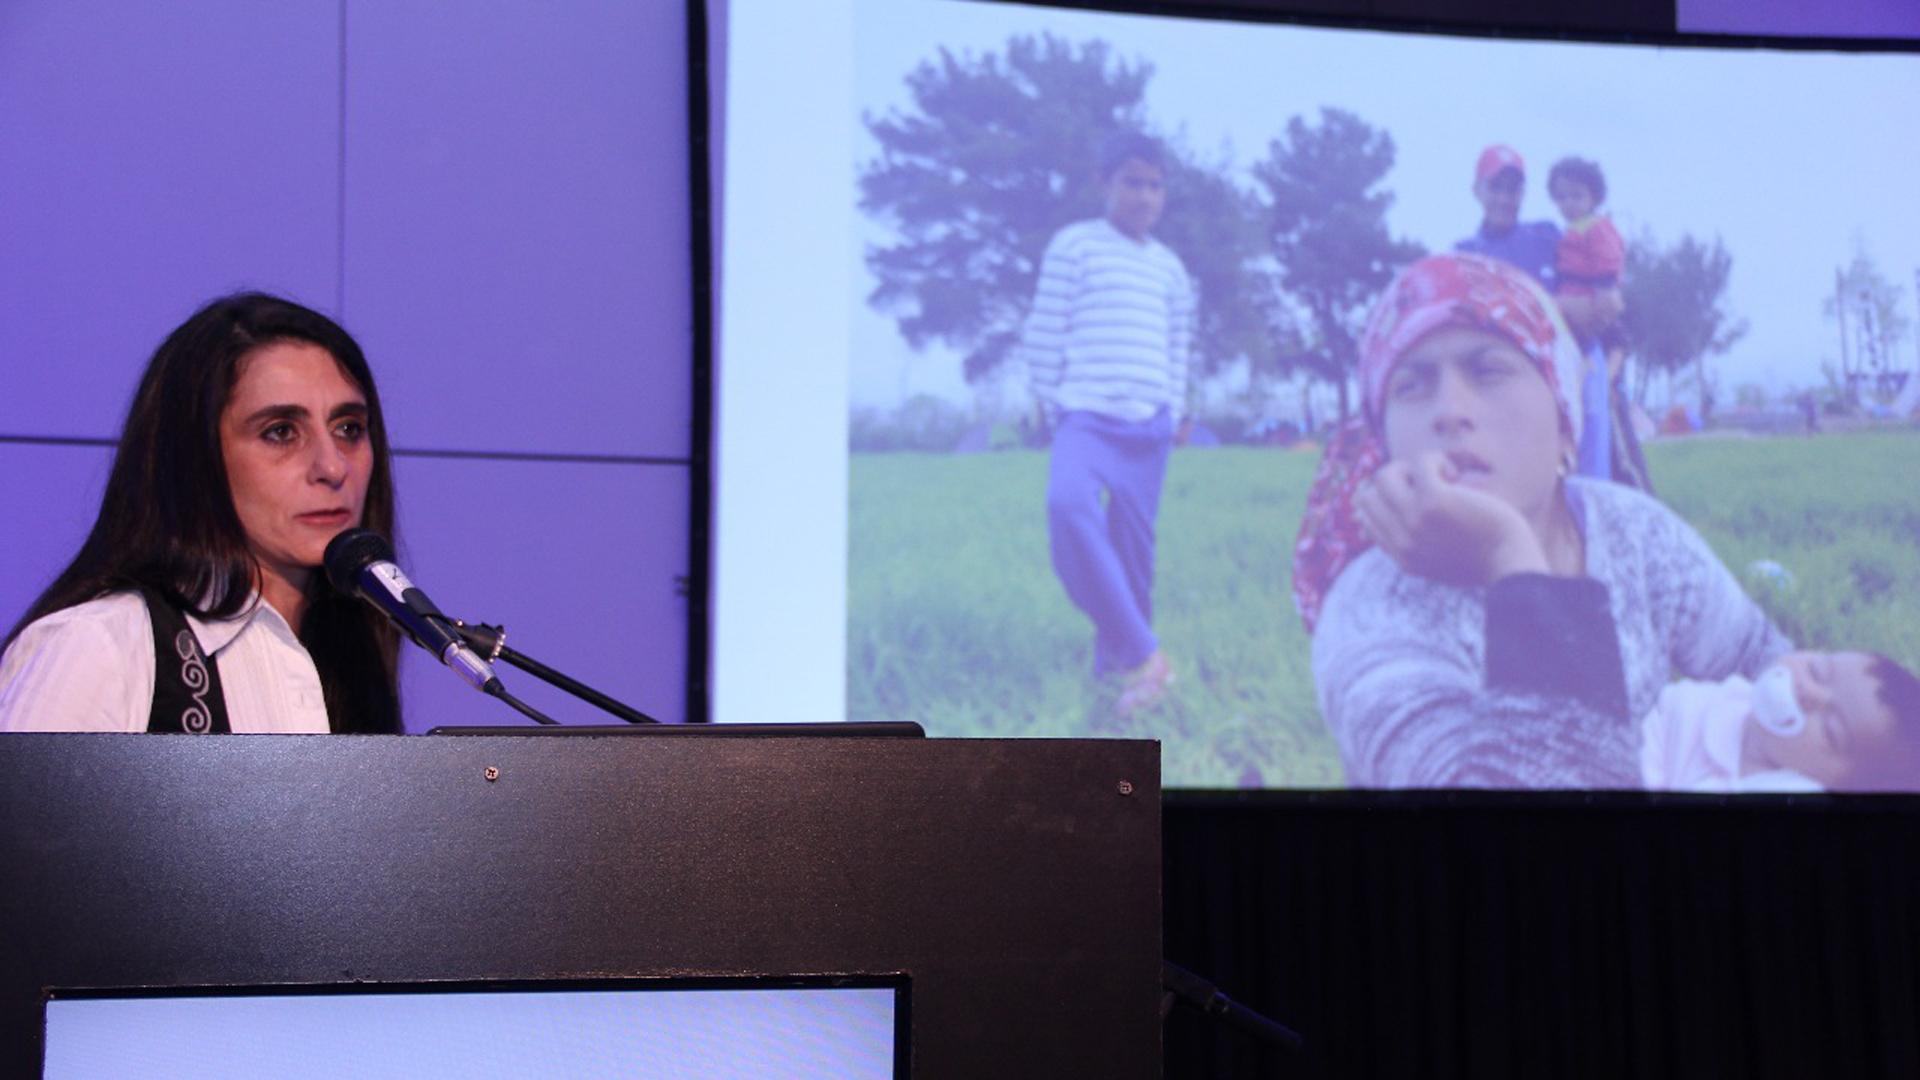 Araz Hadjian, voluntaria y fotógrafa argentina, expuso sus experiencias y sus imágenes en el Congreso de Profesionales de la Salud Armenios (Francesco Garabello)